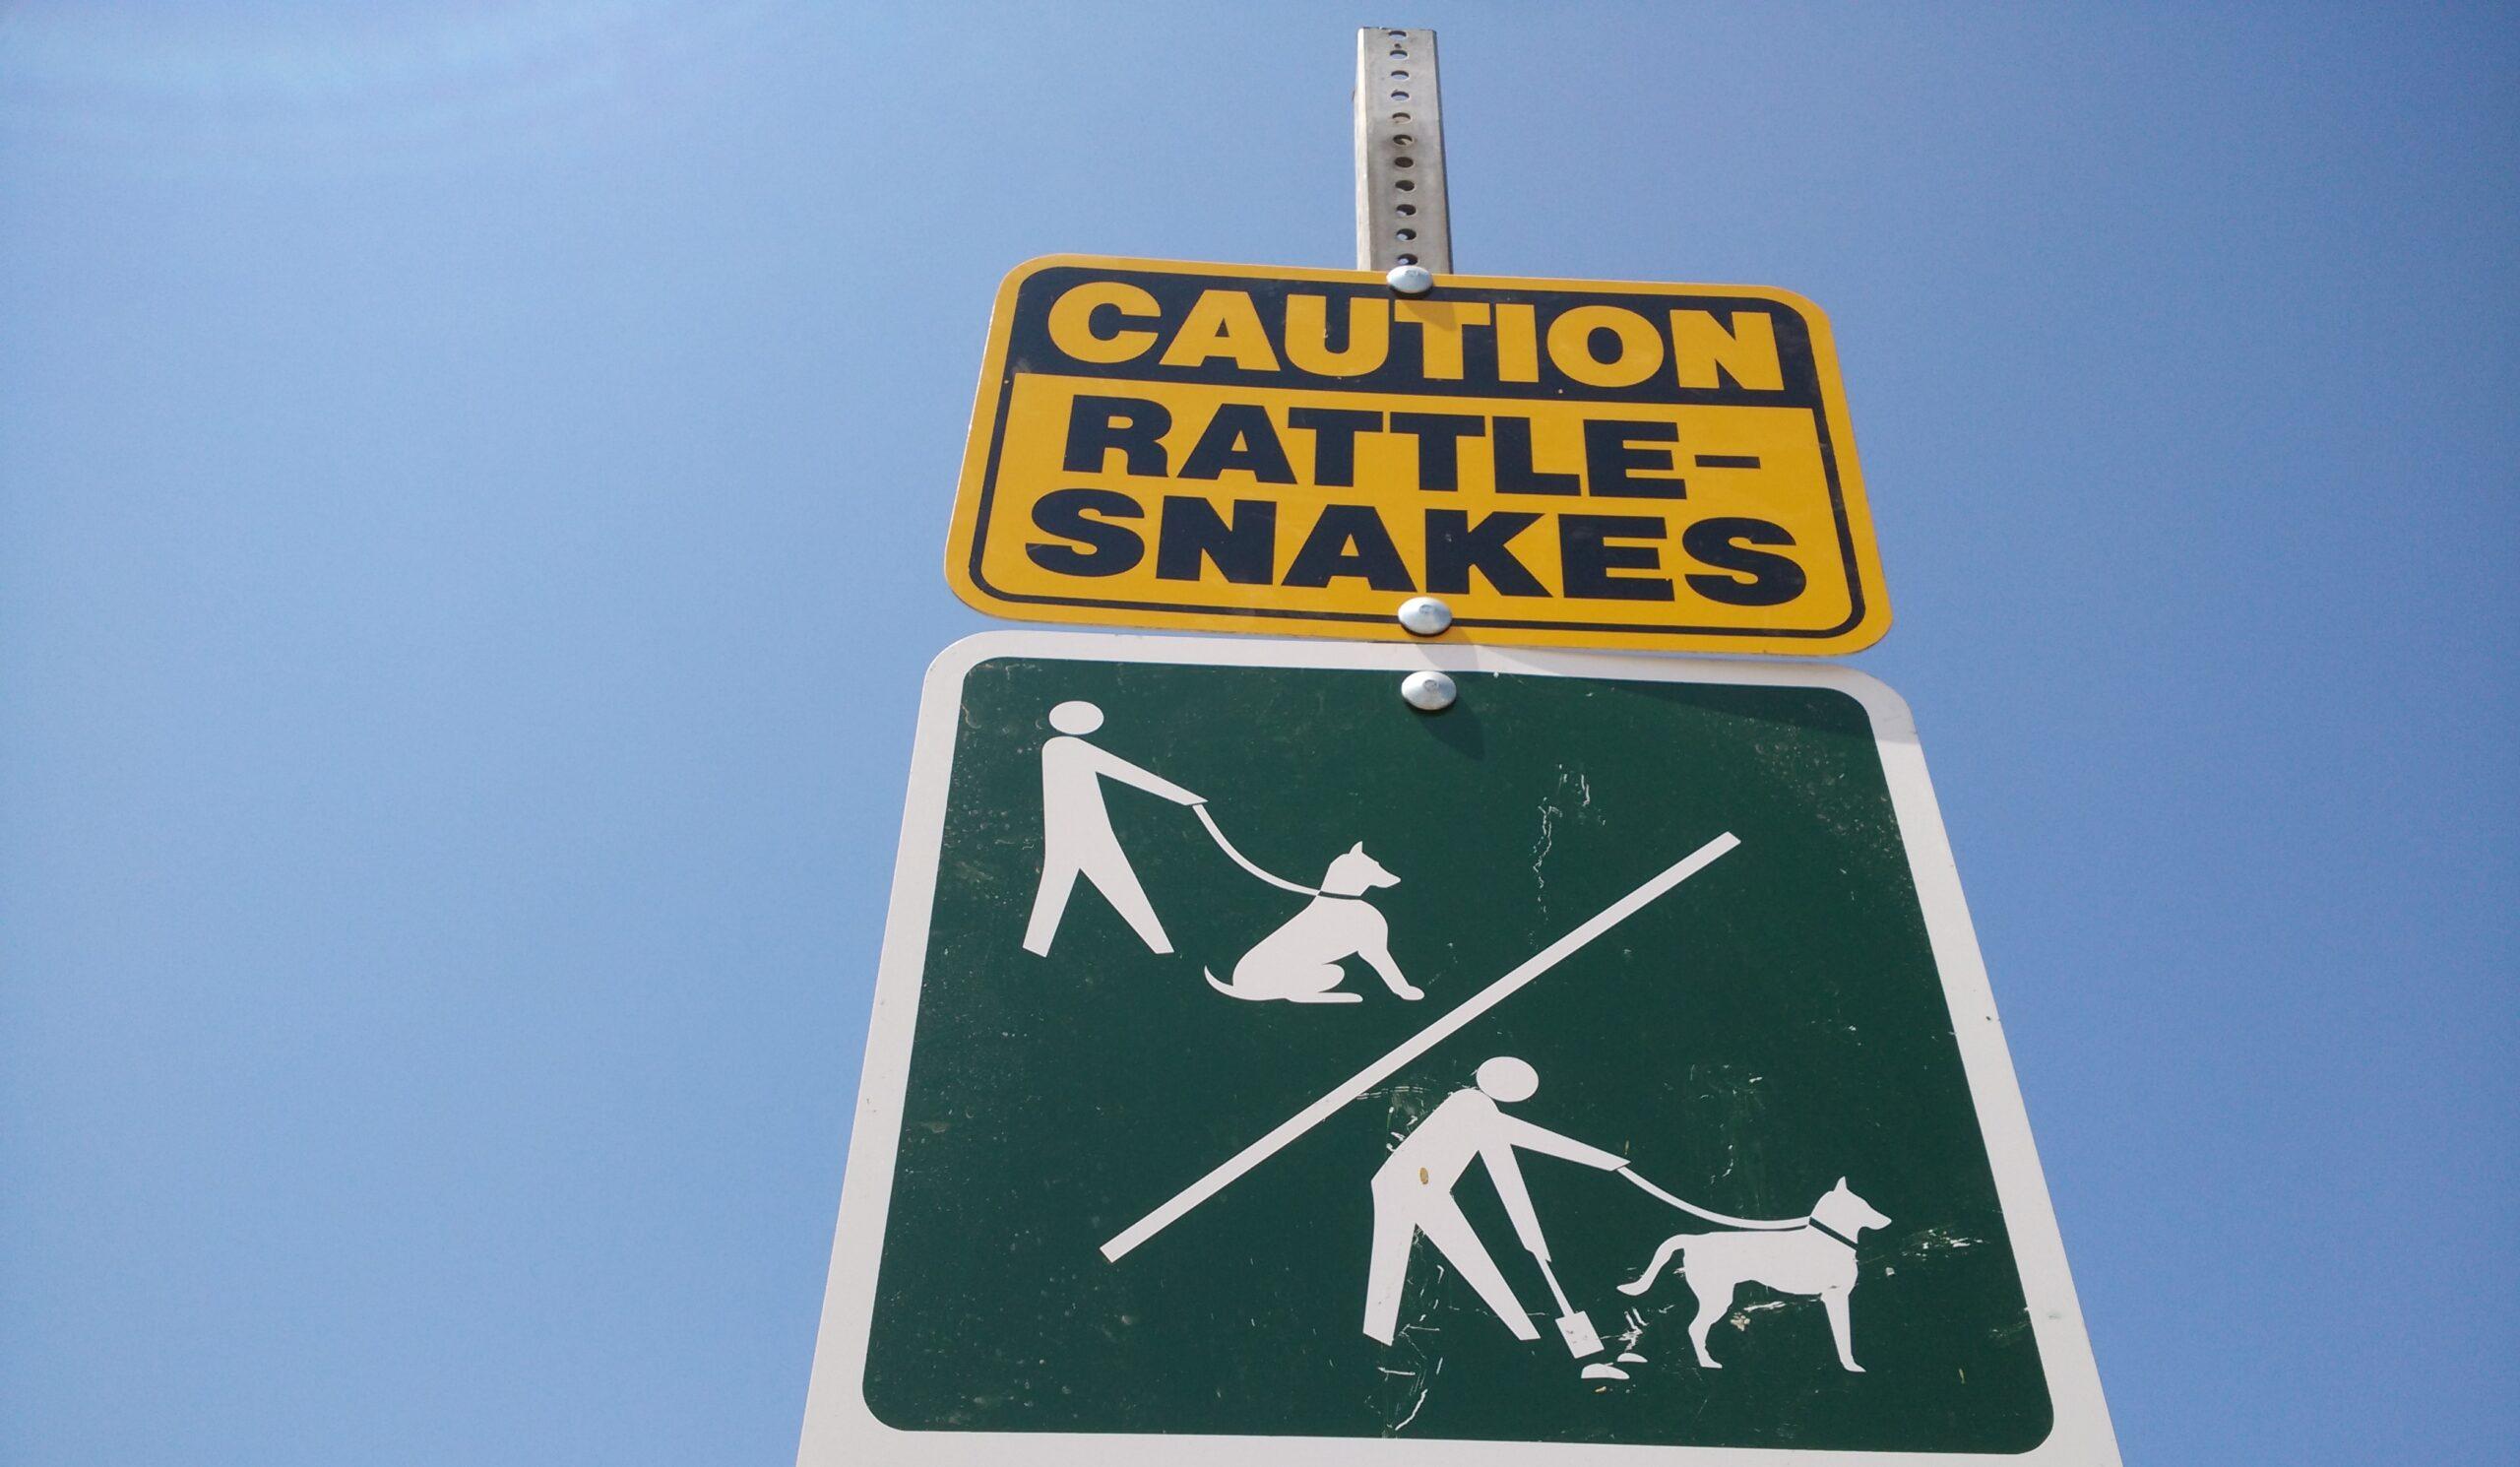 Hogyan lehet eljutni Hollywood felirathoz? - Vigyázat csörgőkígyók